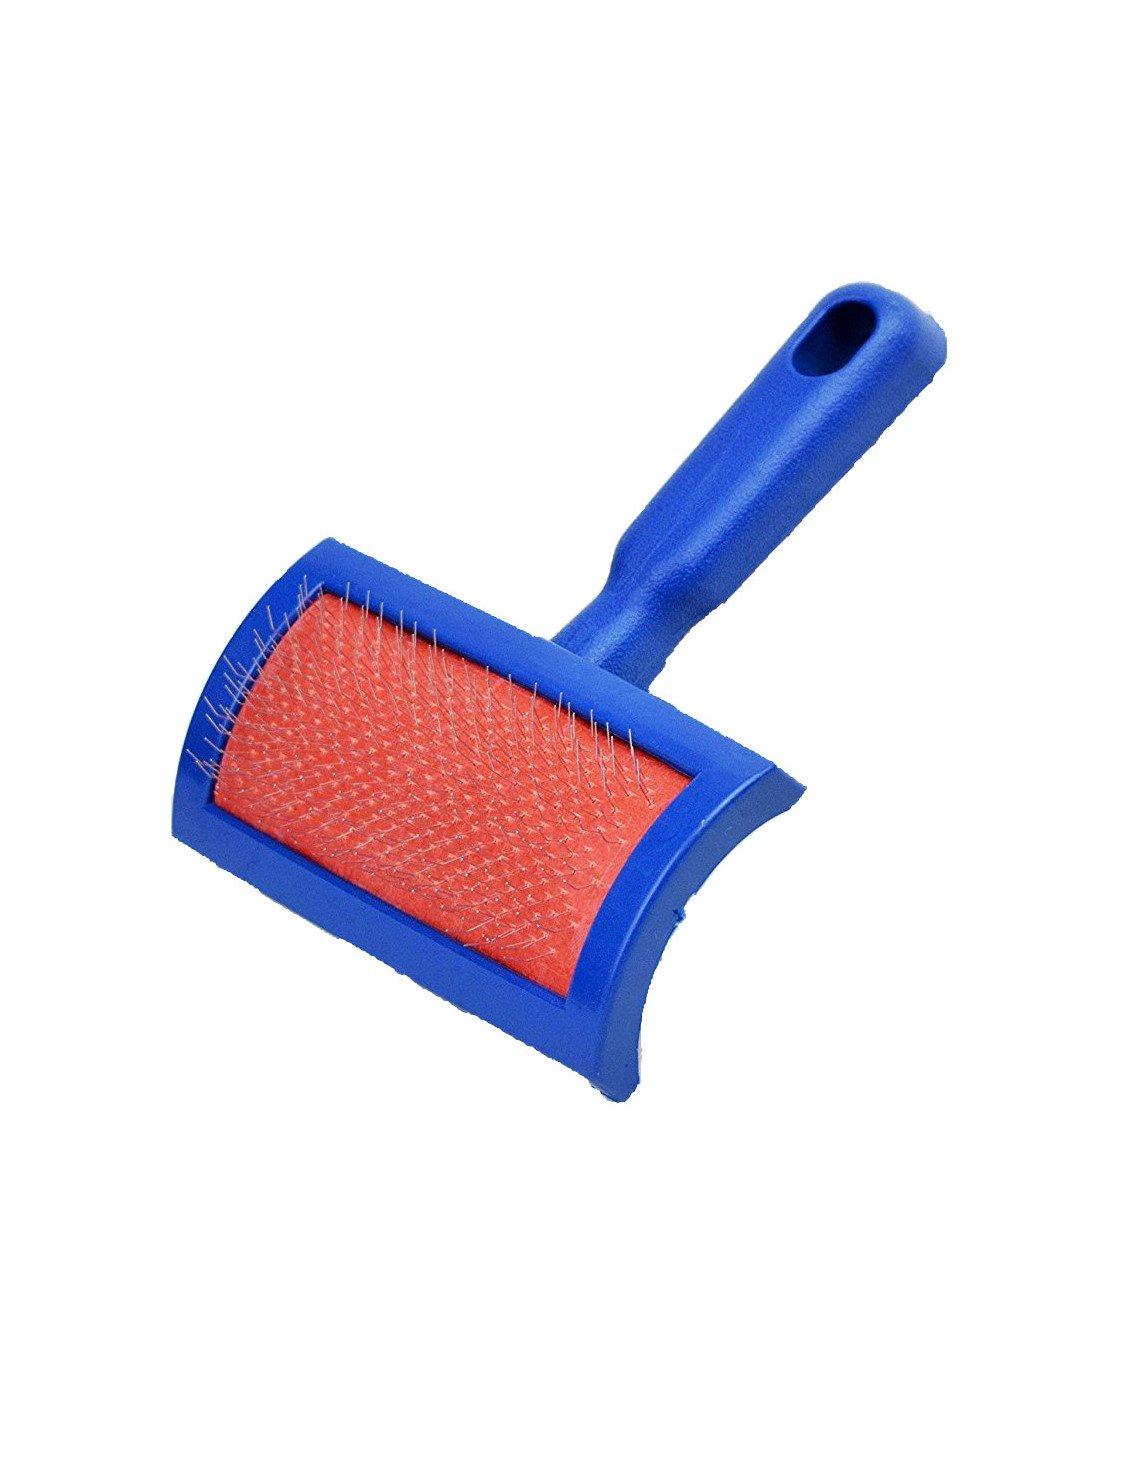 Naturasan Fellbürste für Lammfelle und Schaffelle, Leichte Universal-Pflegebürste für viele Fellarten, auch als Fellbürste für Haustiere, Hunde, Katzen, Kaninchen brush-01-blue